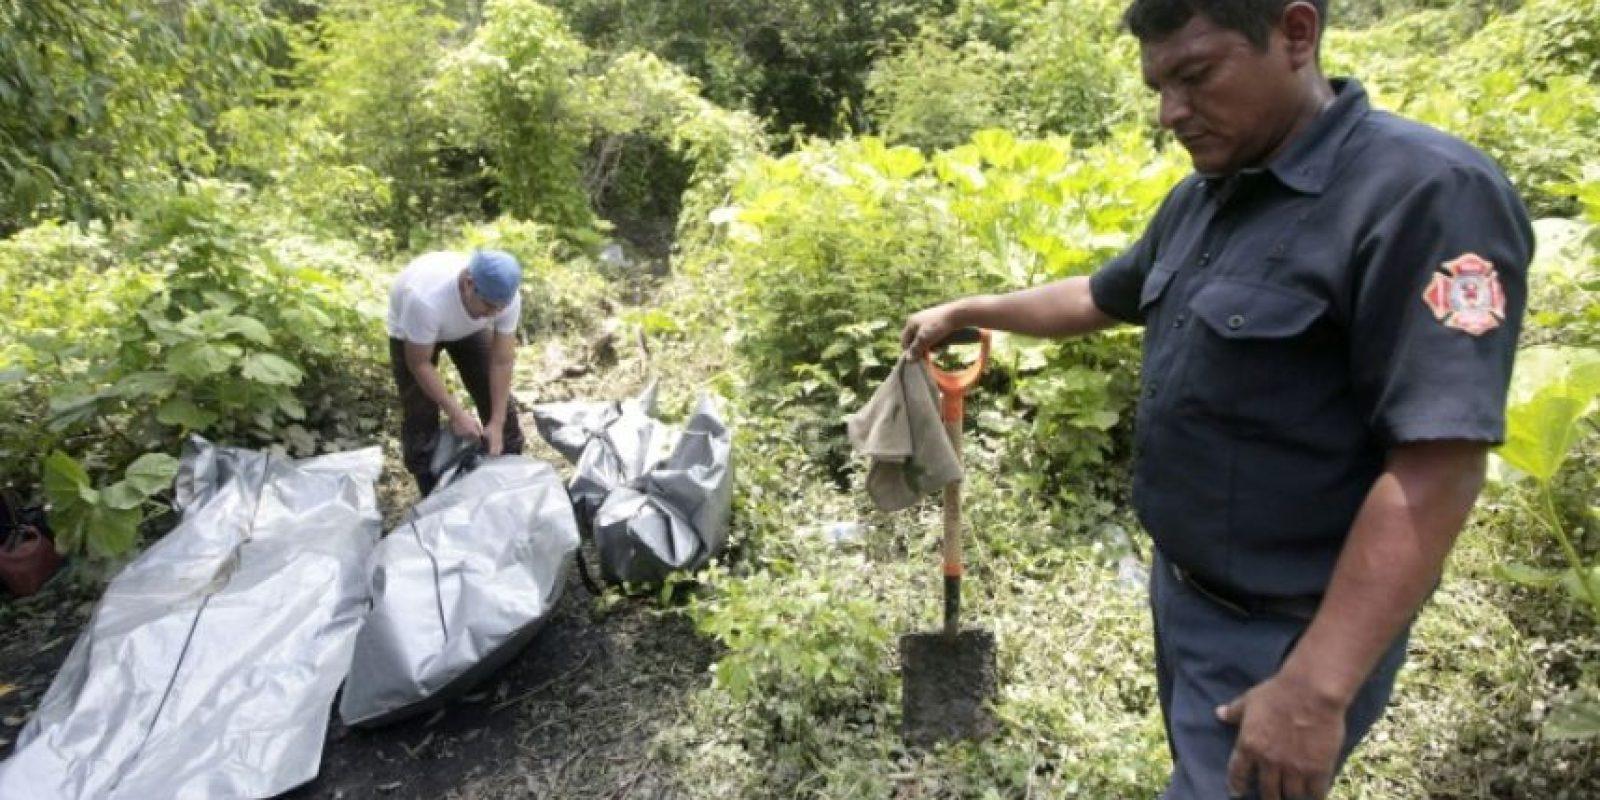 Personal forense trabaja en el área de una tumba clandestina de la cual se retiraron tres cadáveres en el vecindario Manuel Anorve, en el municipio de Acapulco, estado de Guerrero, México, el 31 de julio de 2016. Foto:Pedro Pardo/afp.com